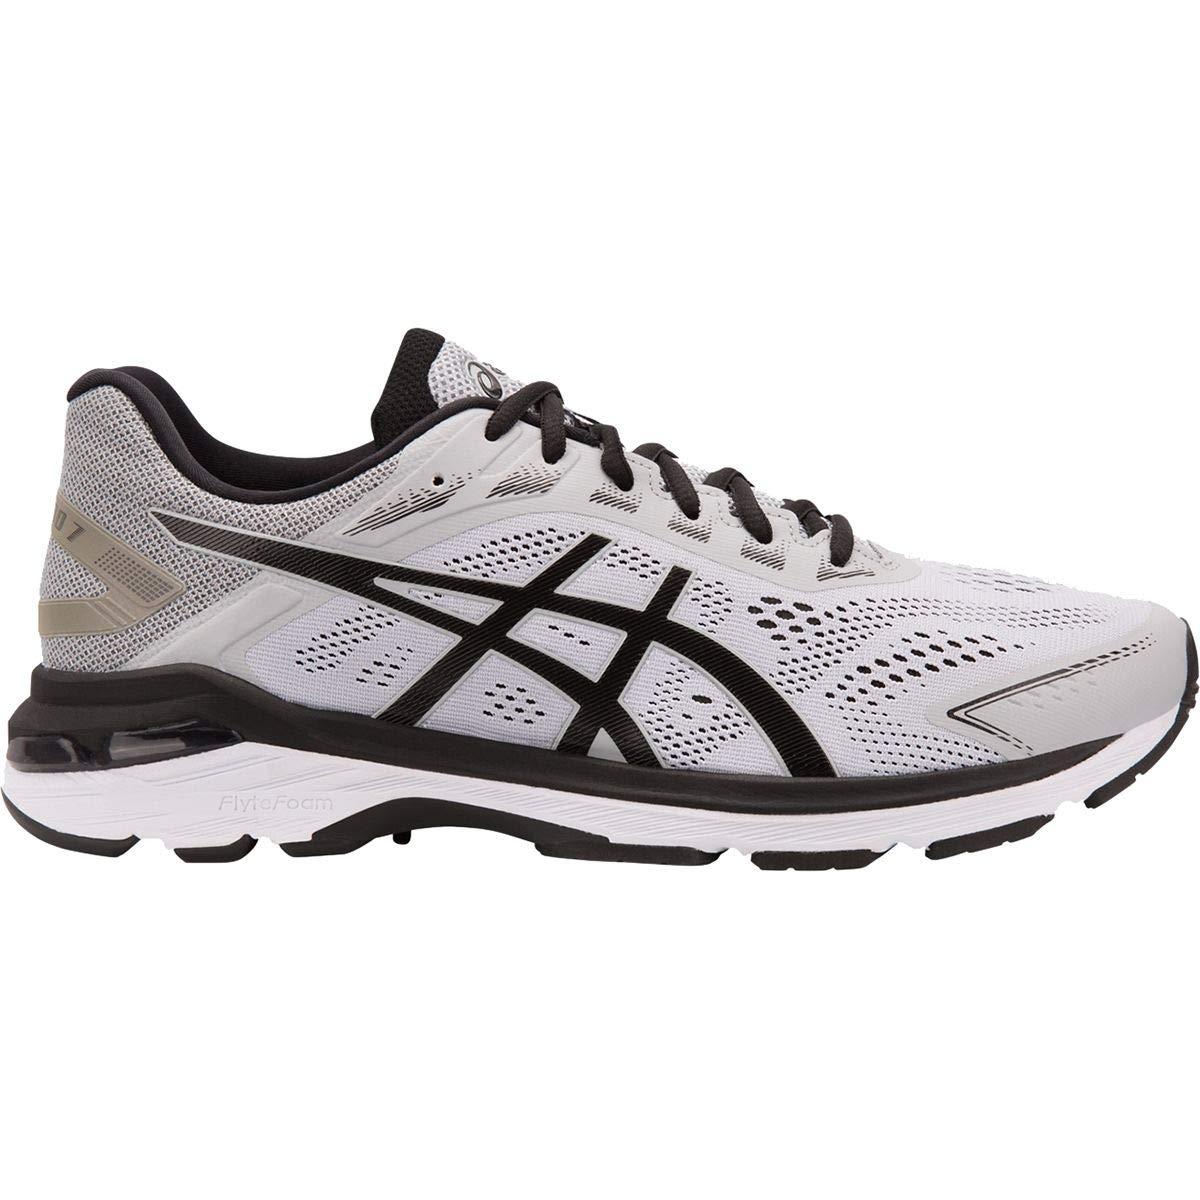 最高 [アシックス] メンズ ランニング GT-2000 7 B07P25WP9P Running Shoe [並行輸入品] [並行輸入品] B07P25WP9P GT-2000 10, 松茂町:57060c30 --- mail.urviinteriors.com